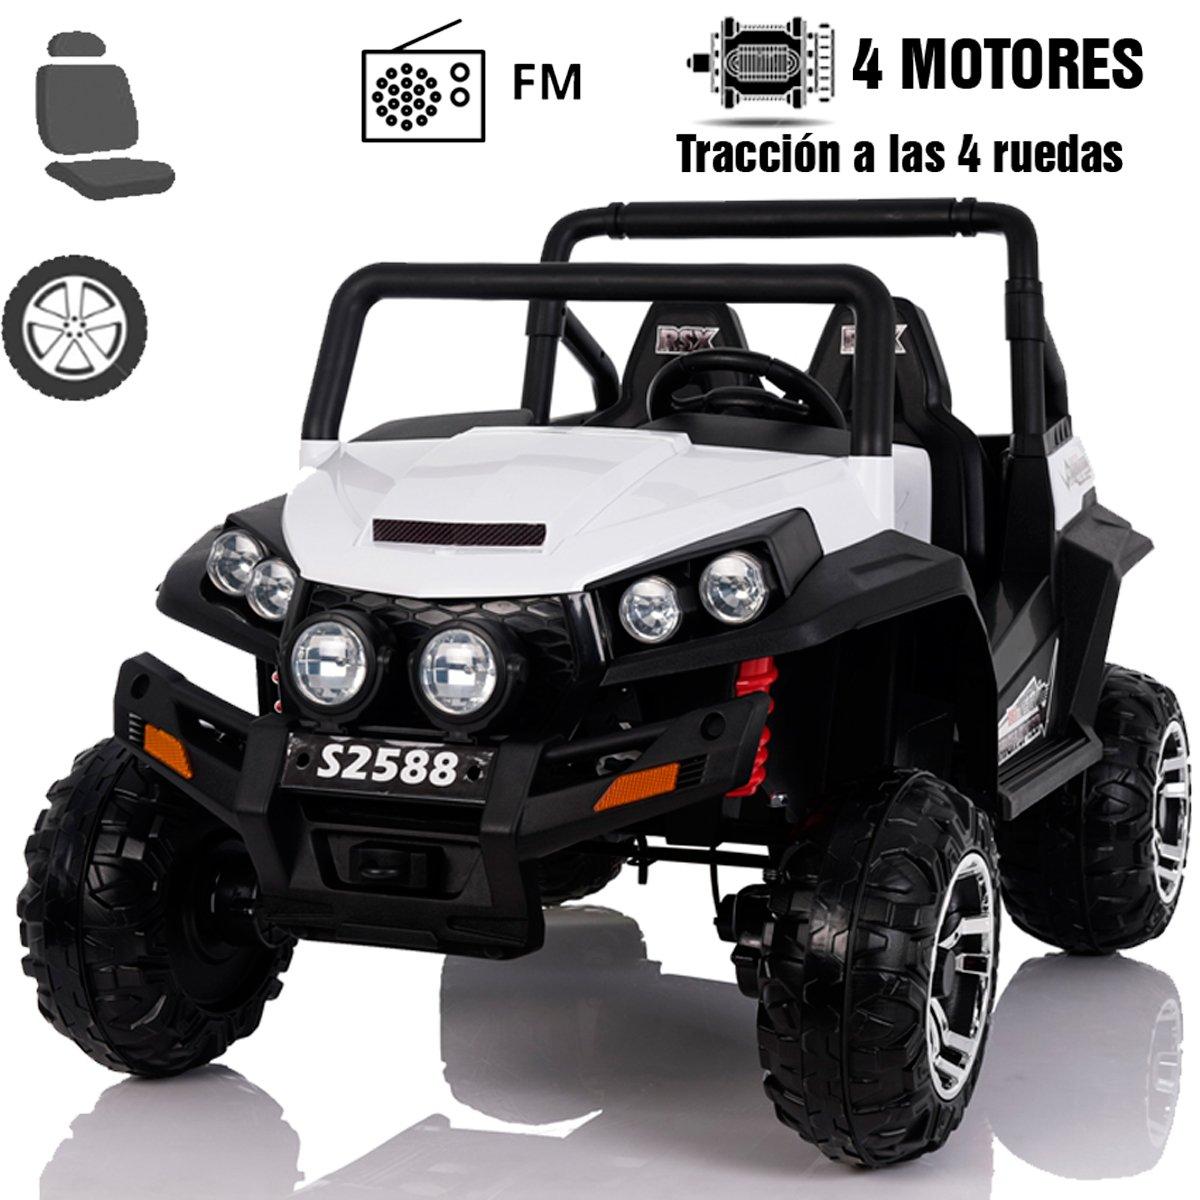 RIRICAR Elektro Spielzeugauto RSX Weiss - 2.4Ghz, 2 x 12V, 4 X Motor, Fernbedienung, 2-Sitze in Leder, Soft Eva Räder, FM Radio, Blautooth